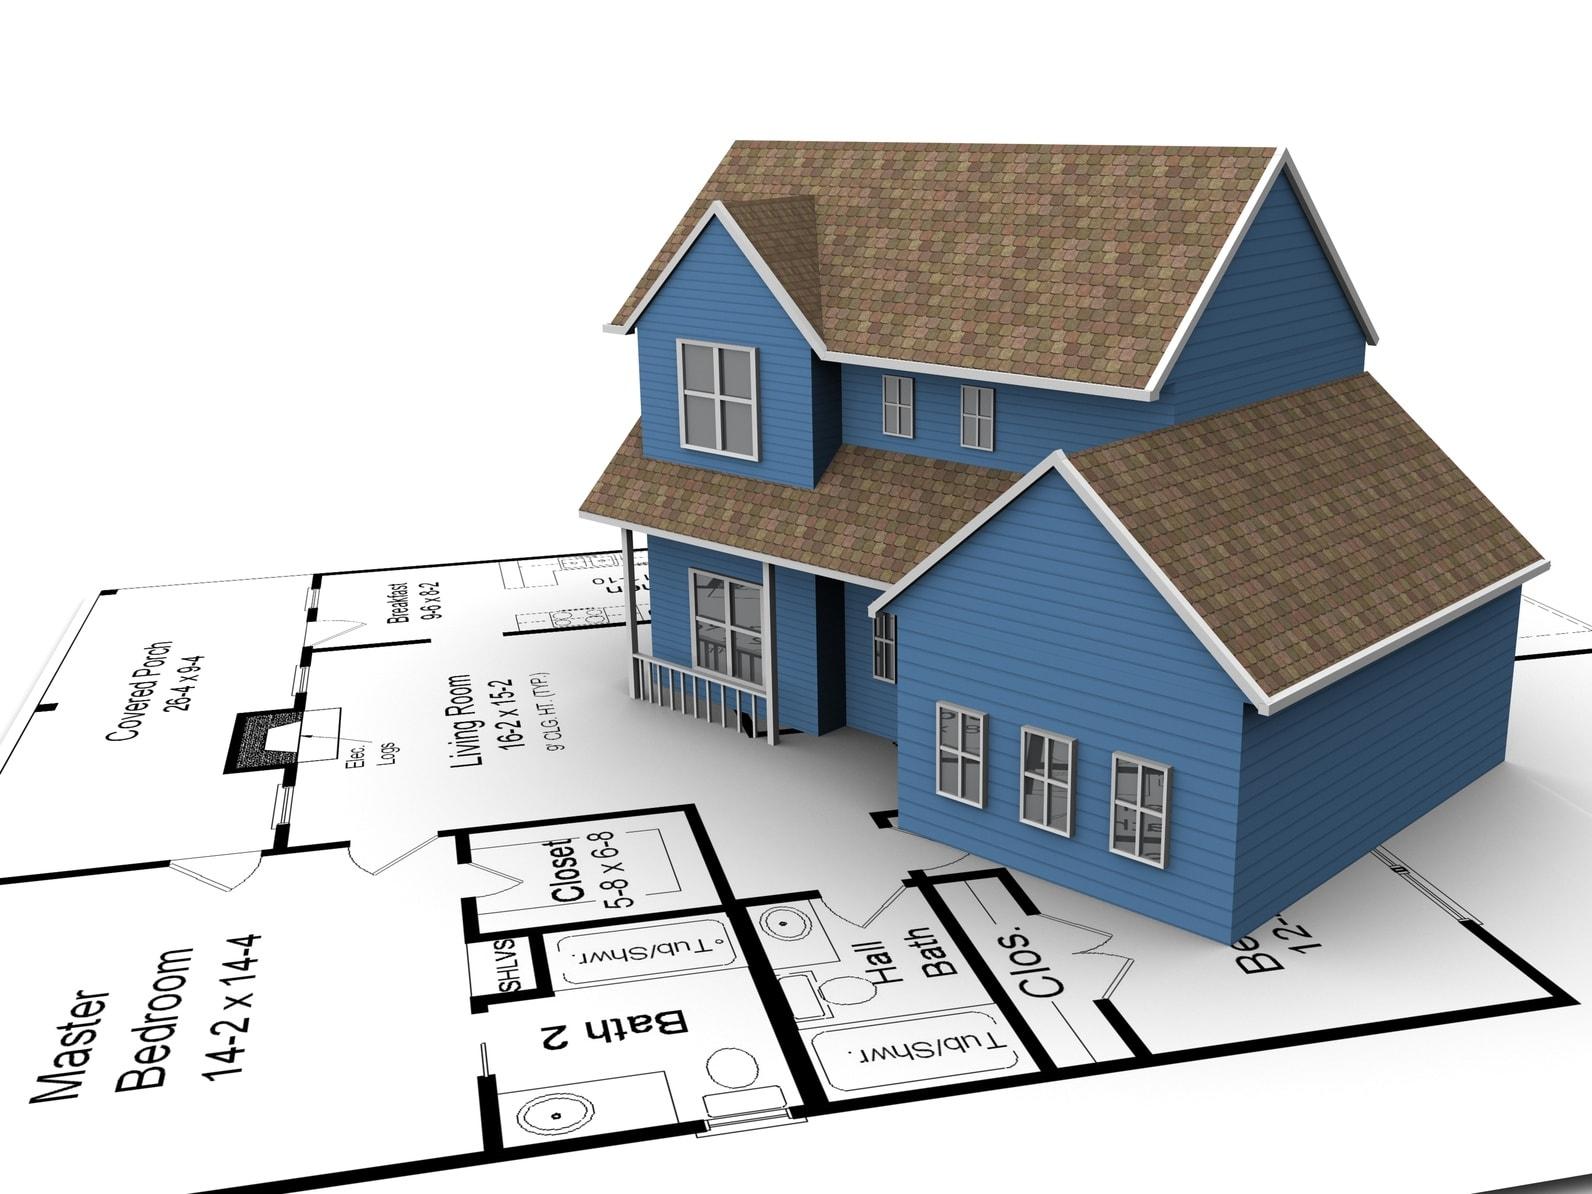 Quy định mật độ xây dựng cho nhà ở riêng lẻ